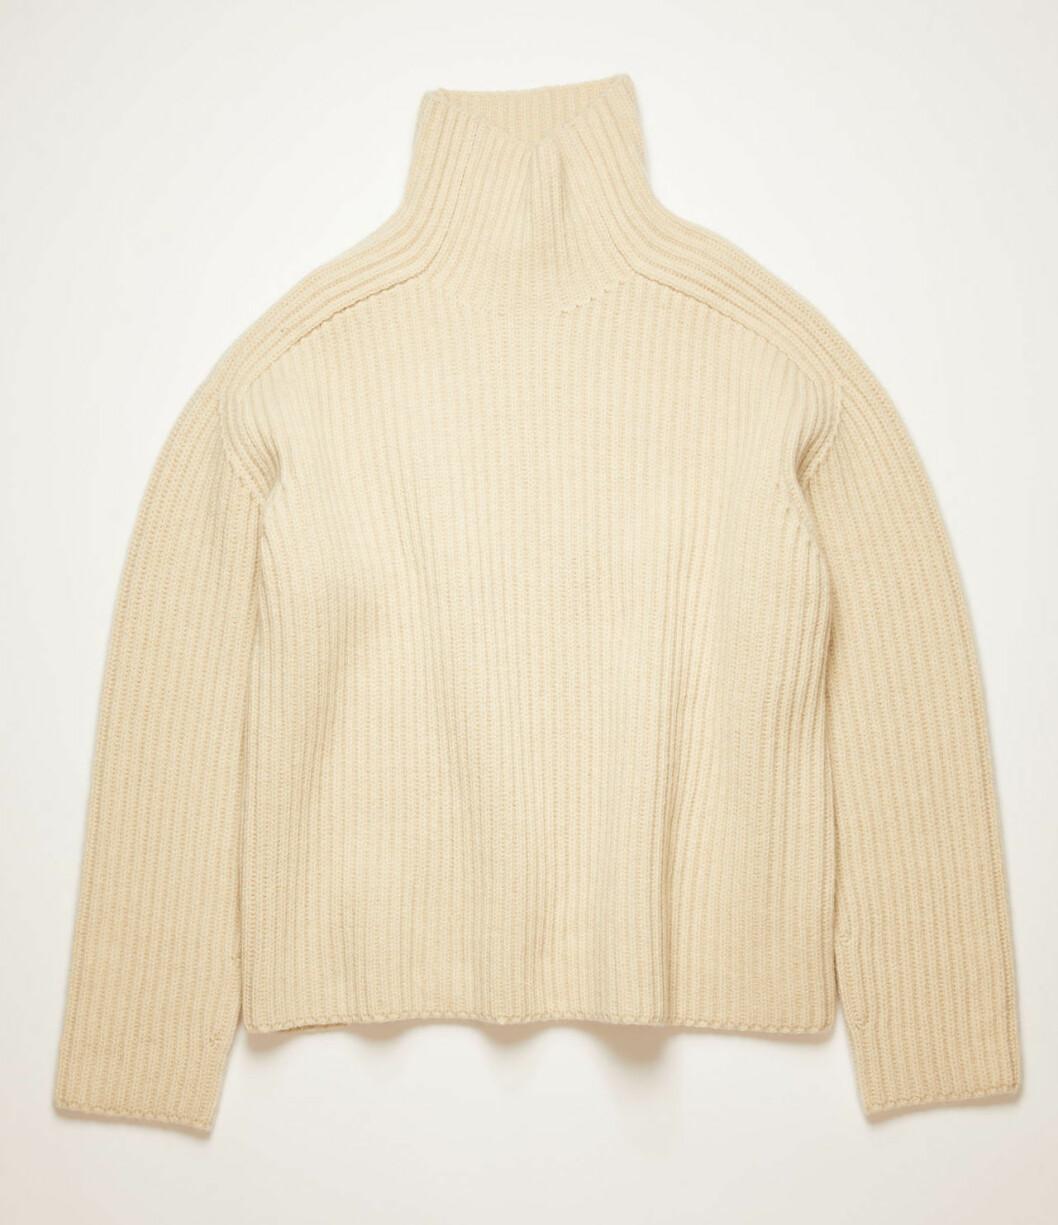 Storstickad tröja från Acne studios.